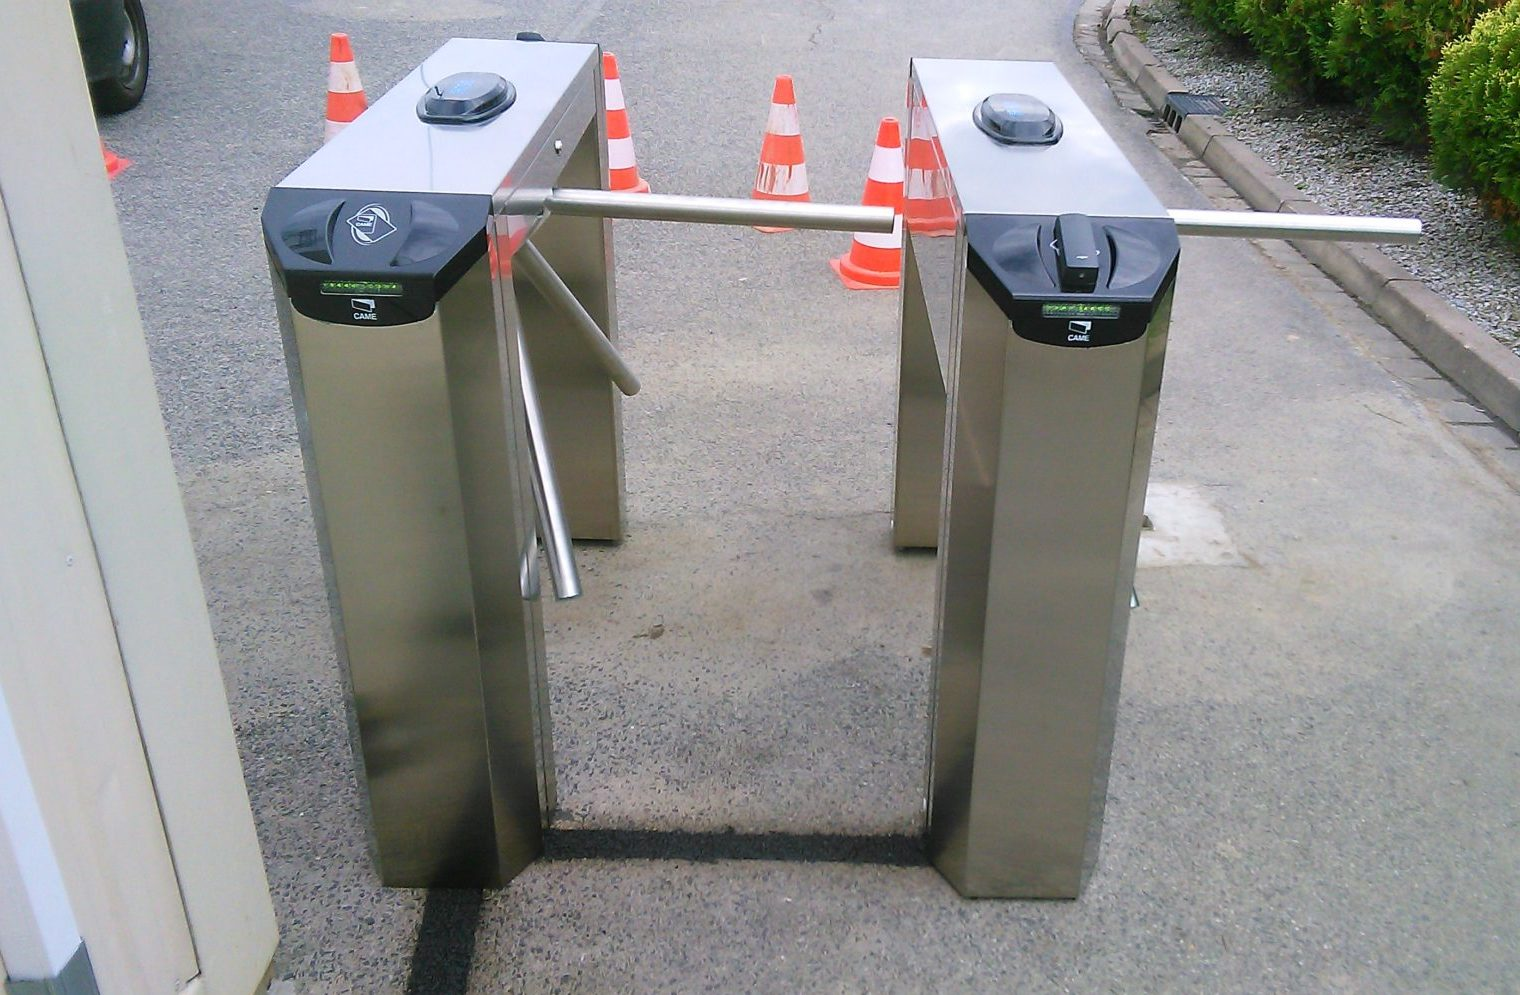 Dostawa i instalacja tripodów Came Twister w Kobierzycach Podgórnych